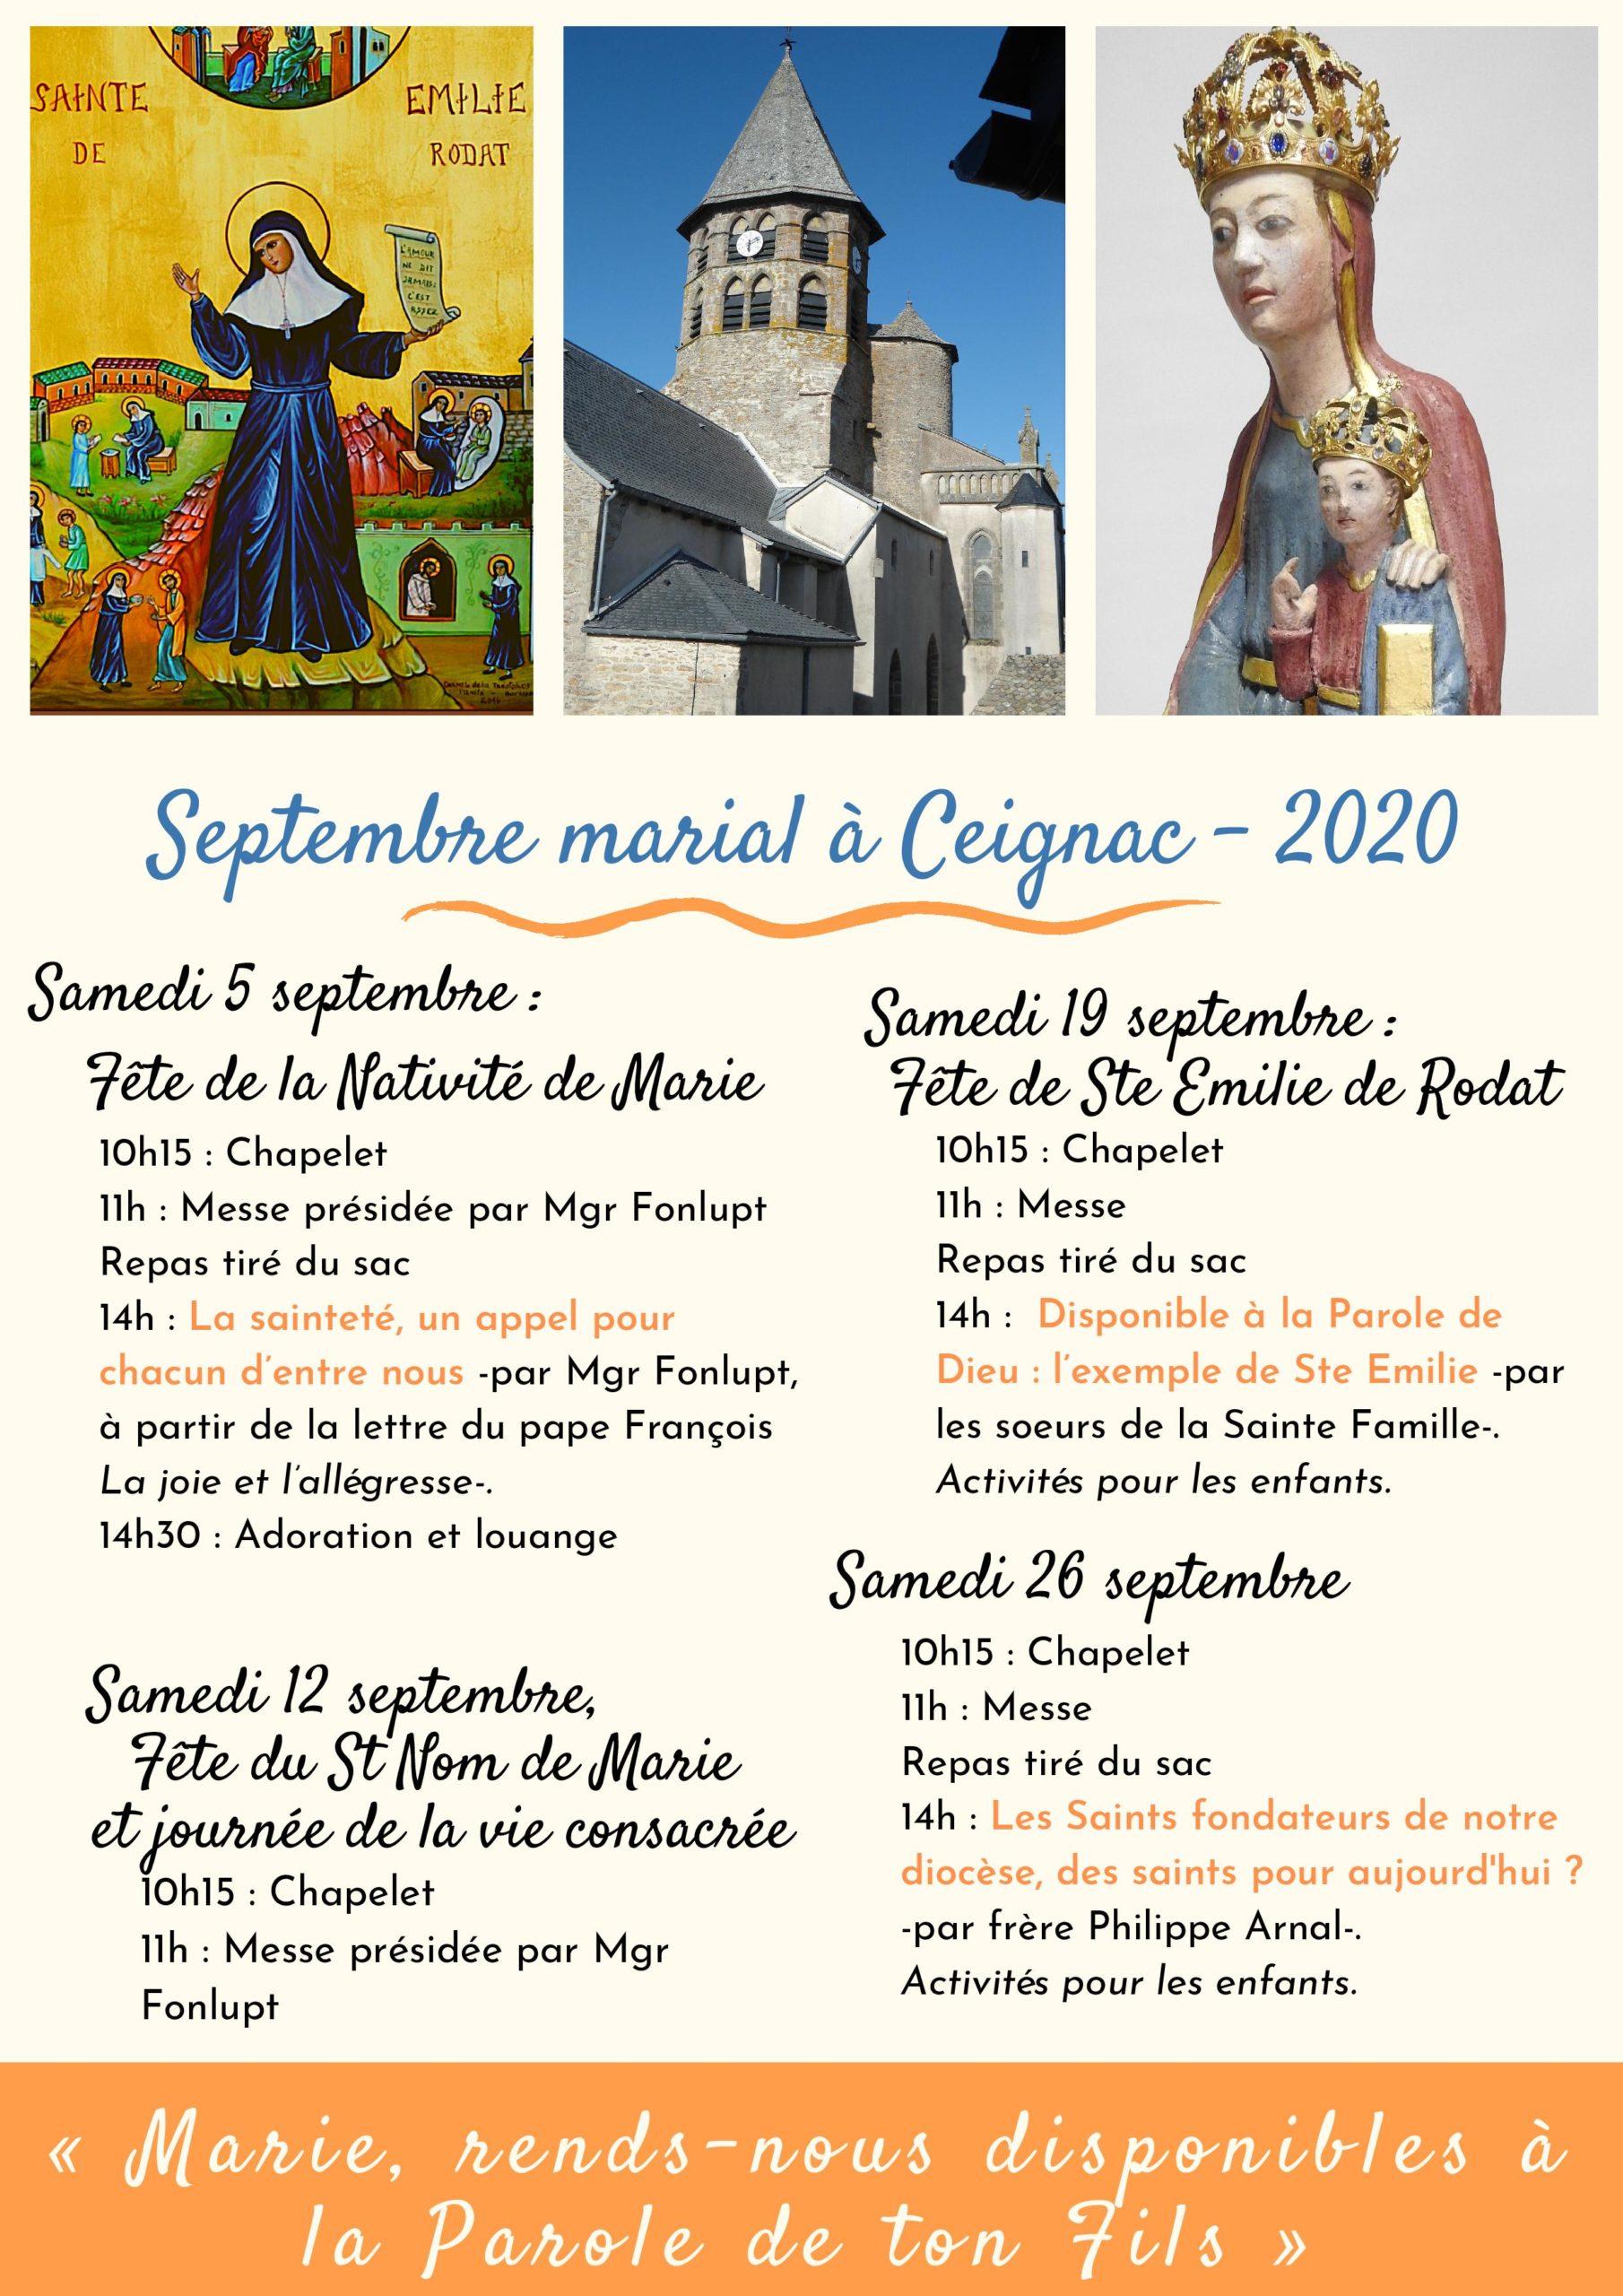 Septembre-2020-à-Ceignac-Affiche-page-001